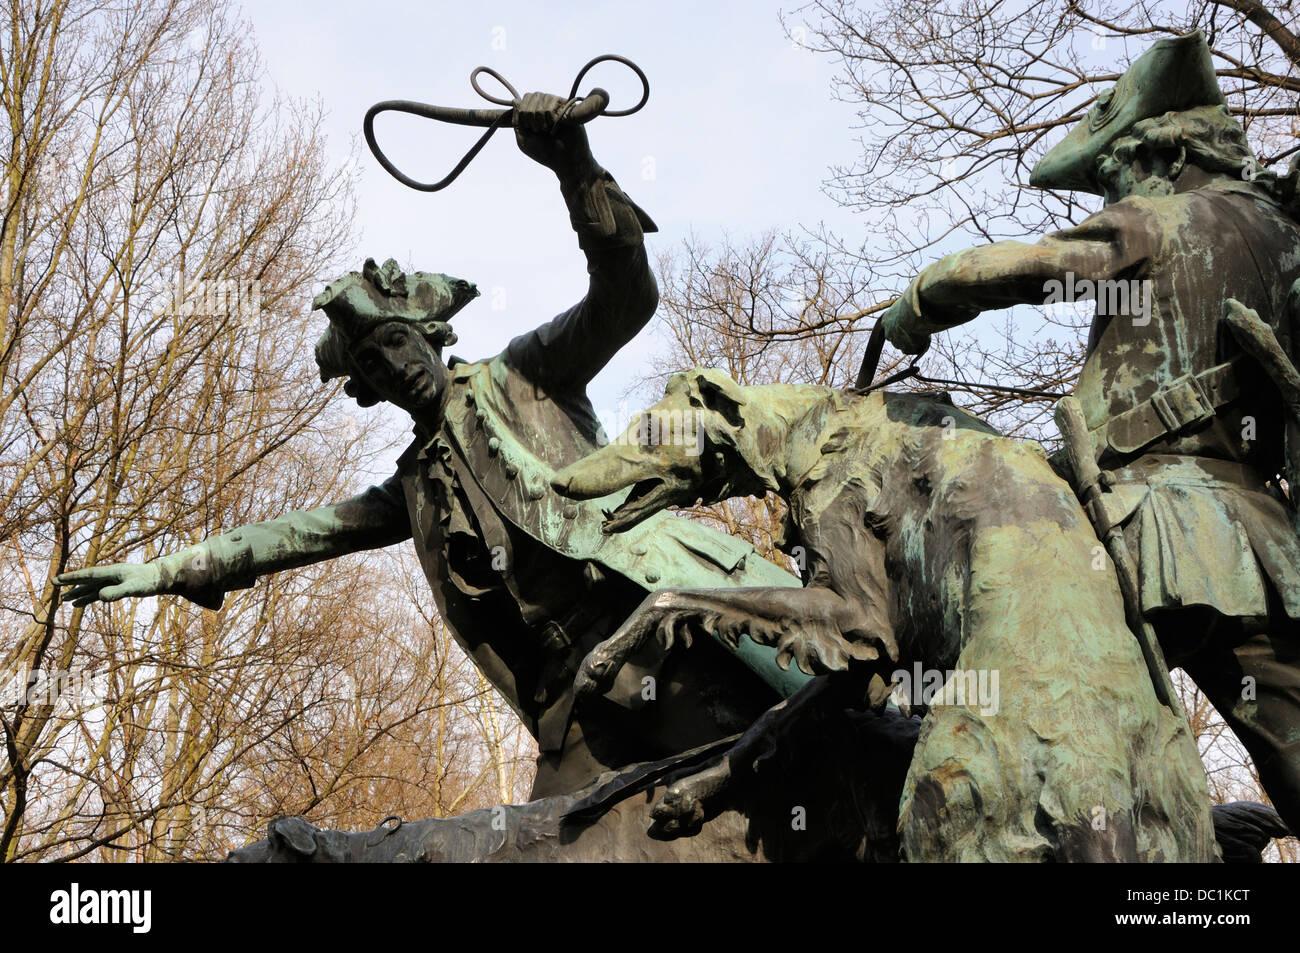 Hunting sculpture, Tiergarten, Berlin, Germany. - Stock Image